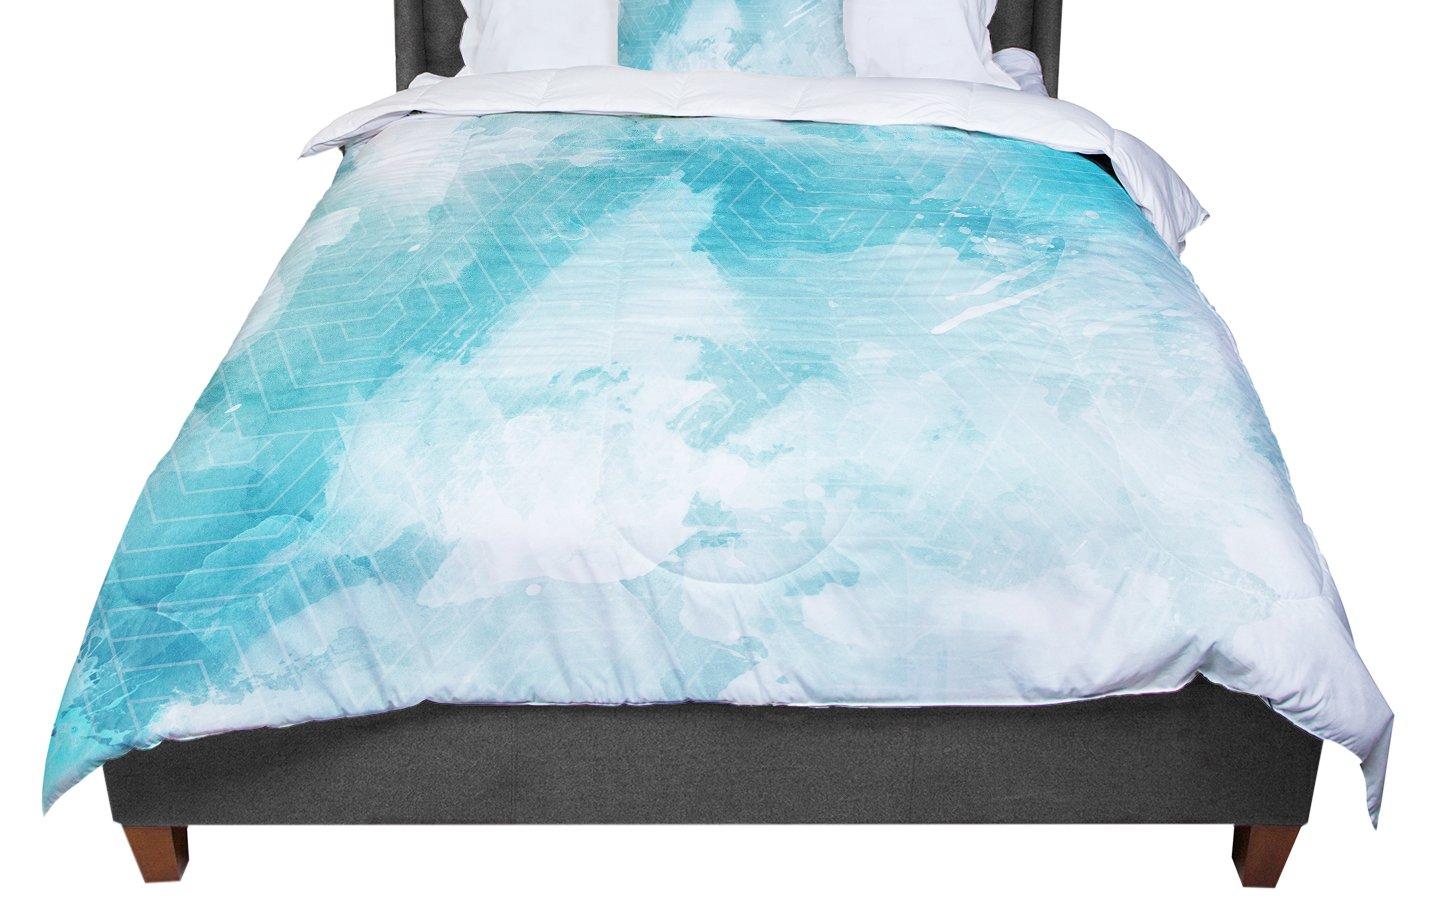 KESS InHouse Matt Eklund 'Skyward' Blue White Twin Comforter, 68' X 88'